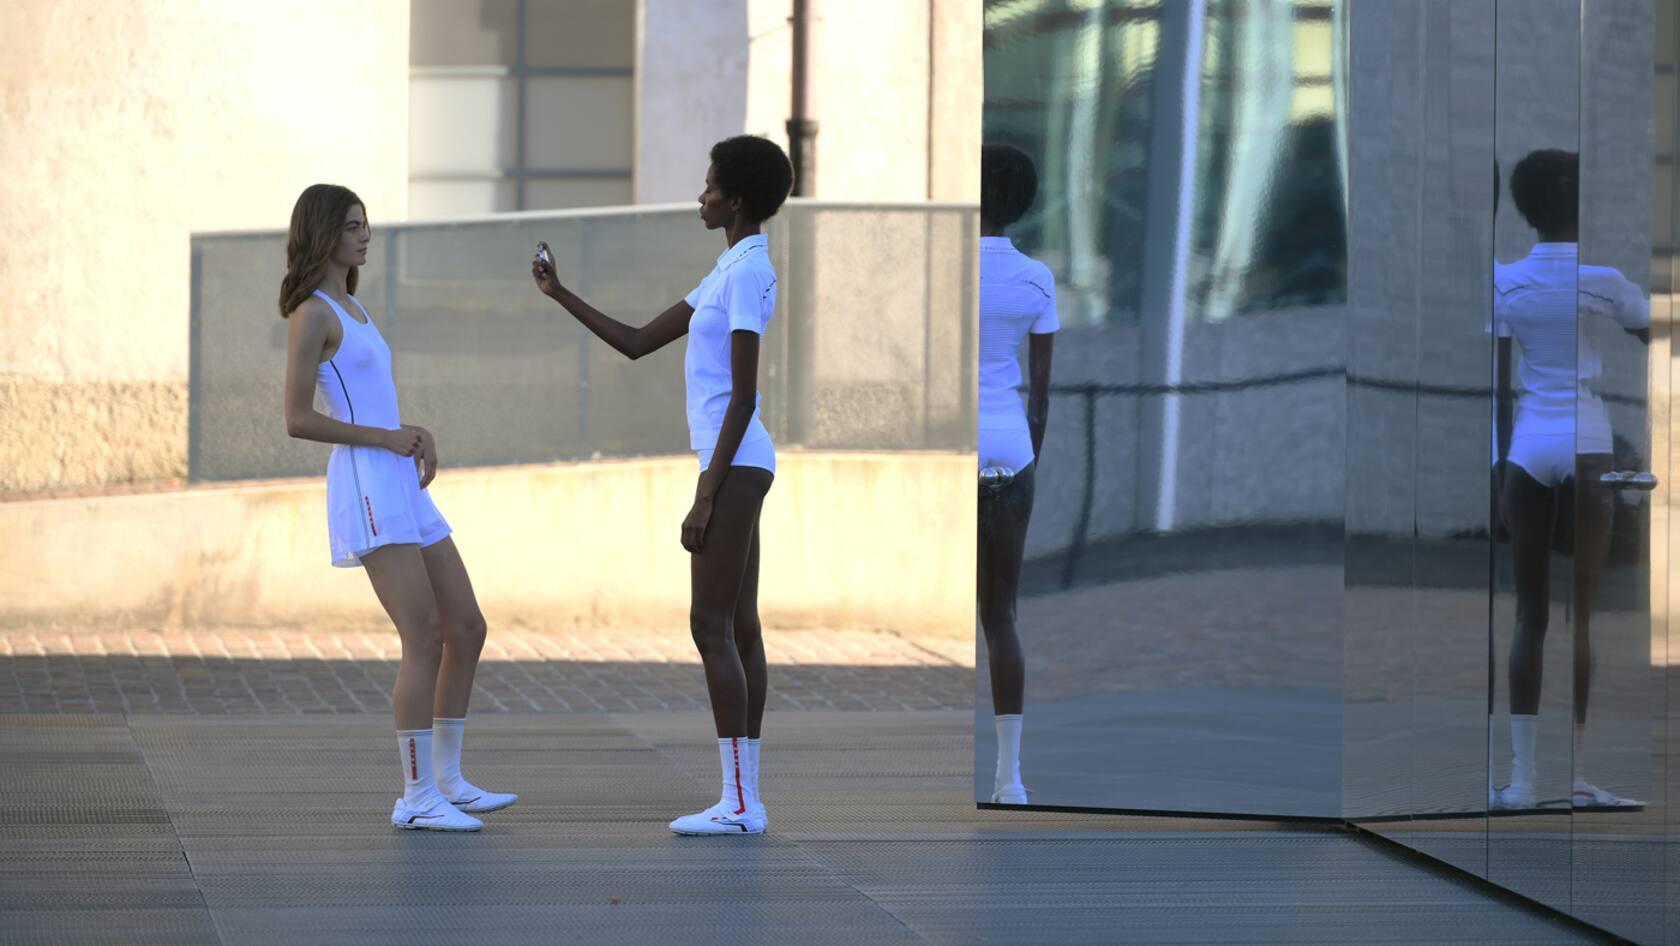 models in athleticwear